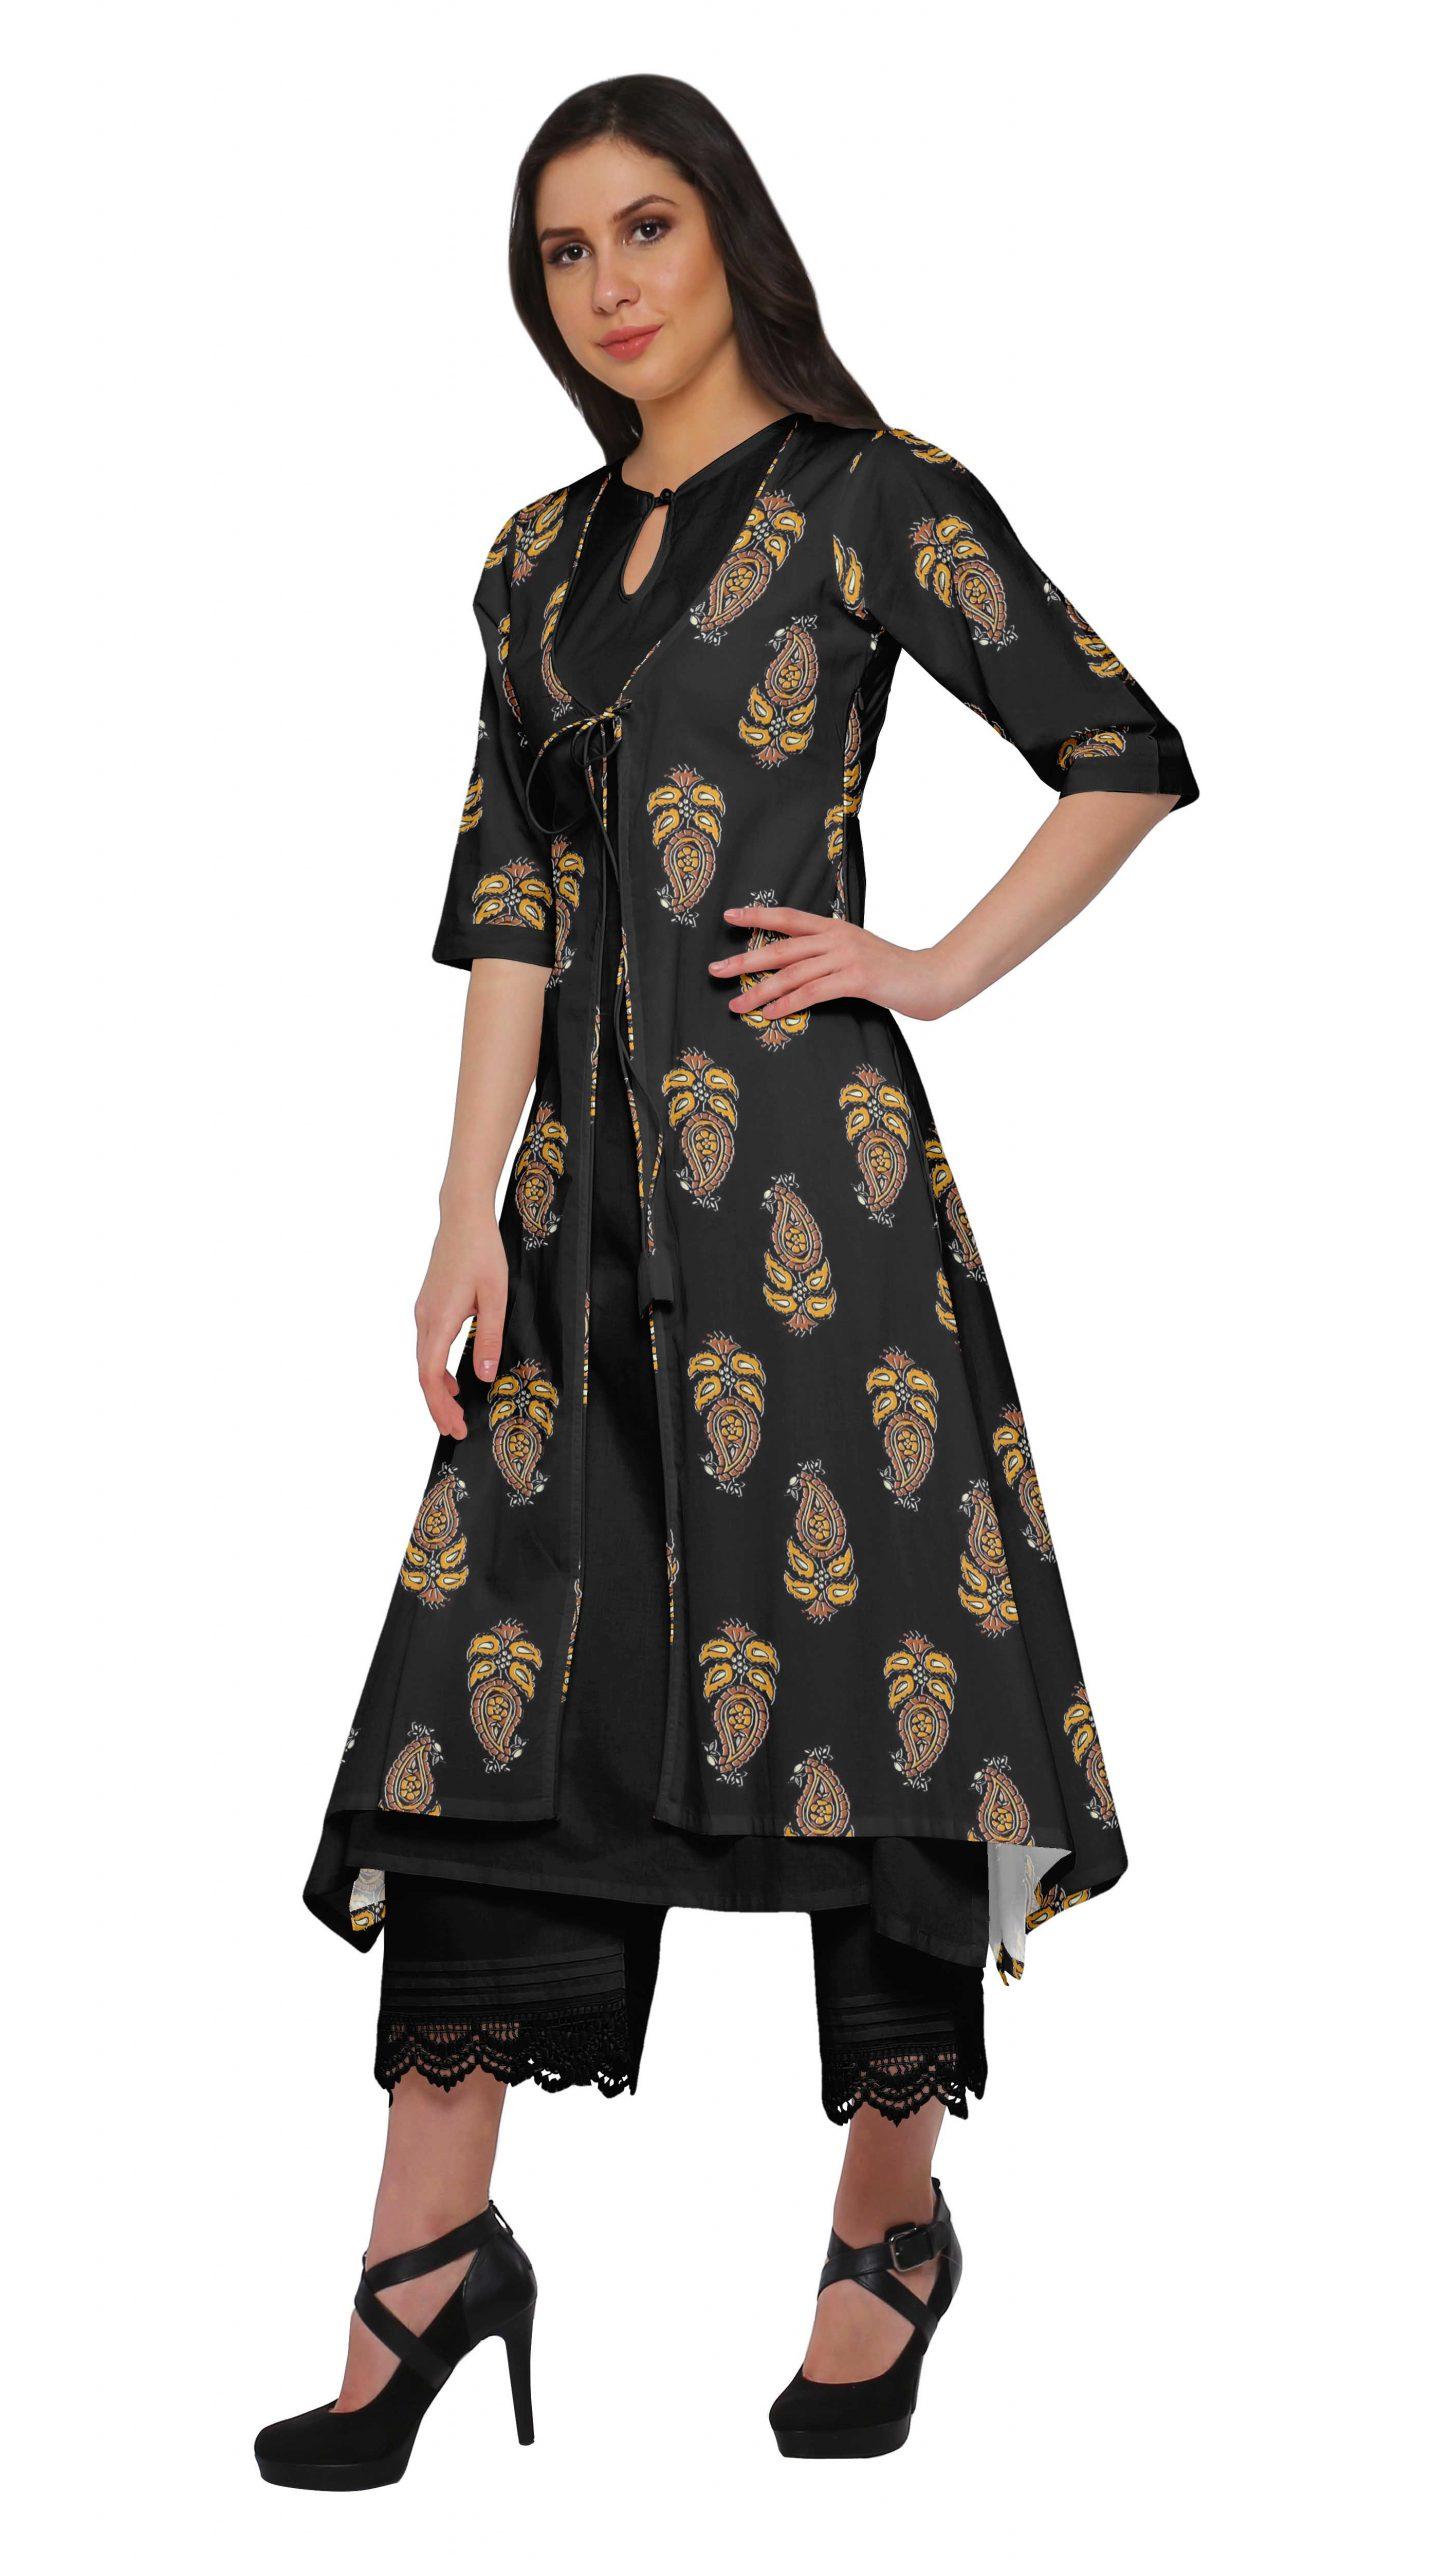 Moomaya 3 Stück Indische Kleidung Für Frauen Chanderi